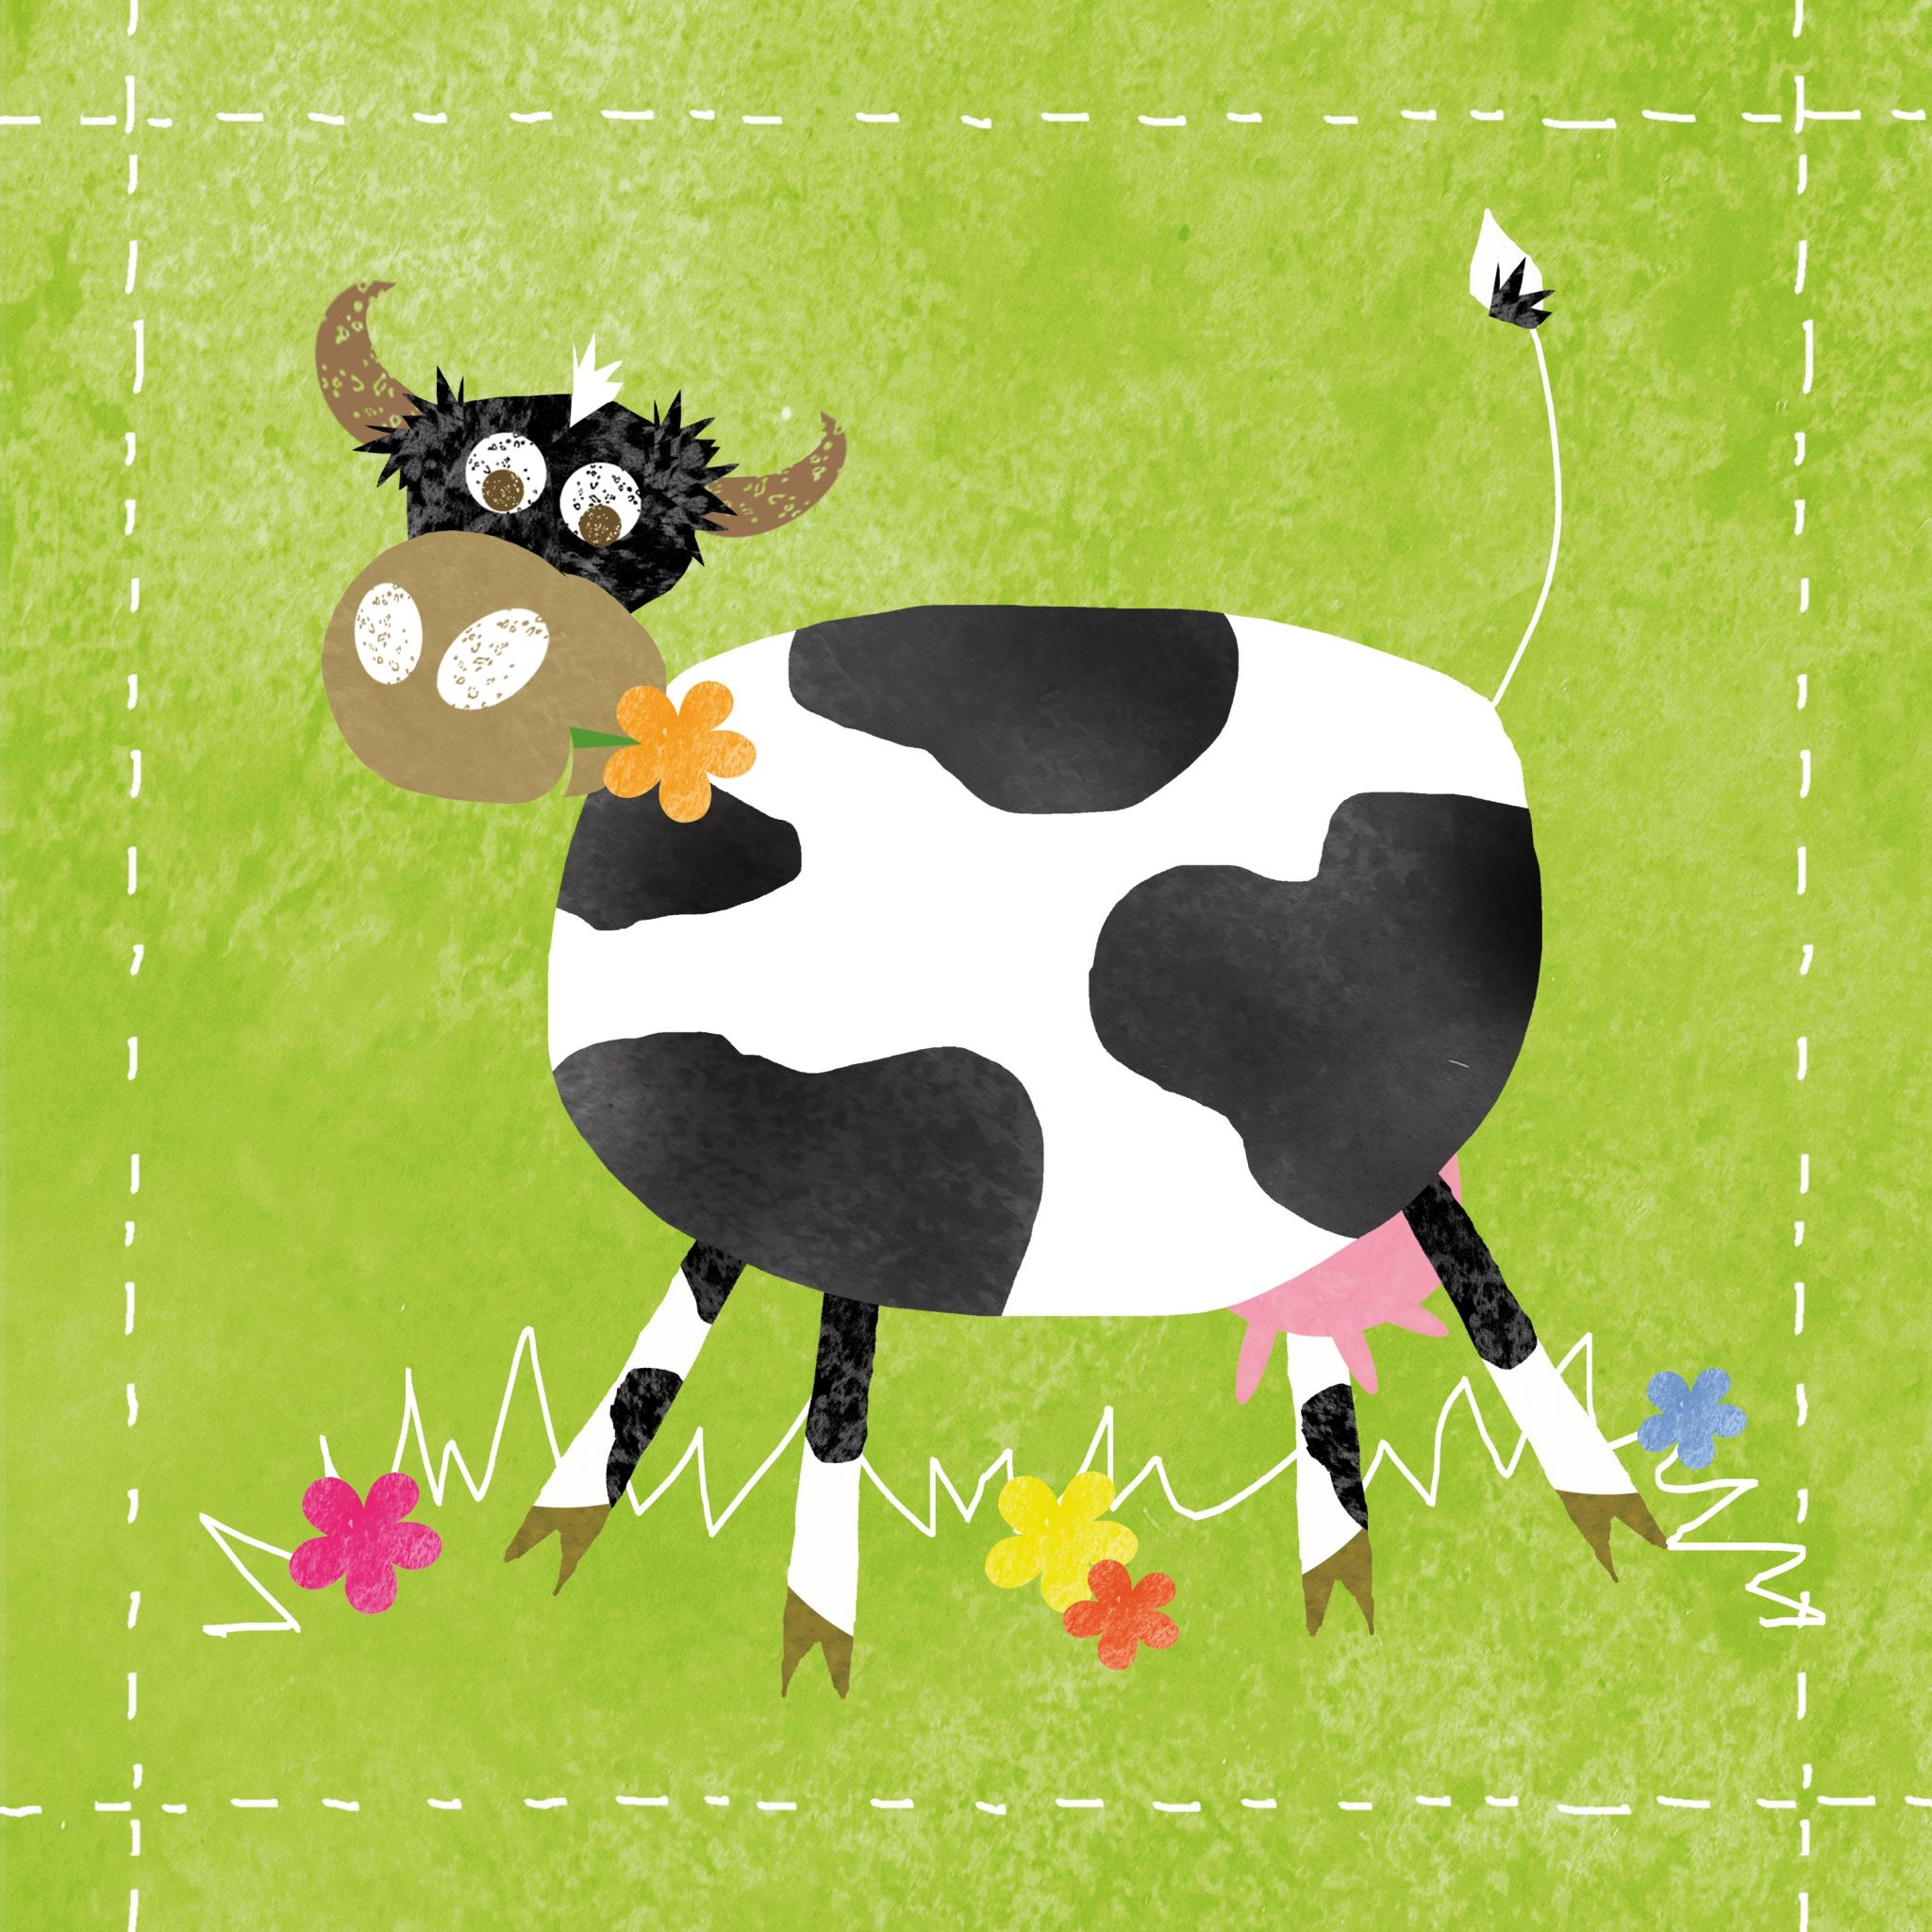 Lunch Servietten Elsa,  Blumen -  Sonstige,  Tiere - Kühe,  Everyday,  lunchservietten,  Kühe,  Blumen